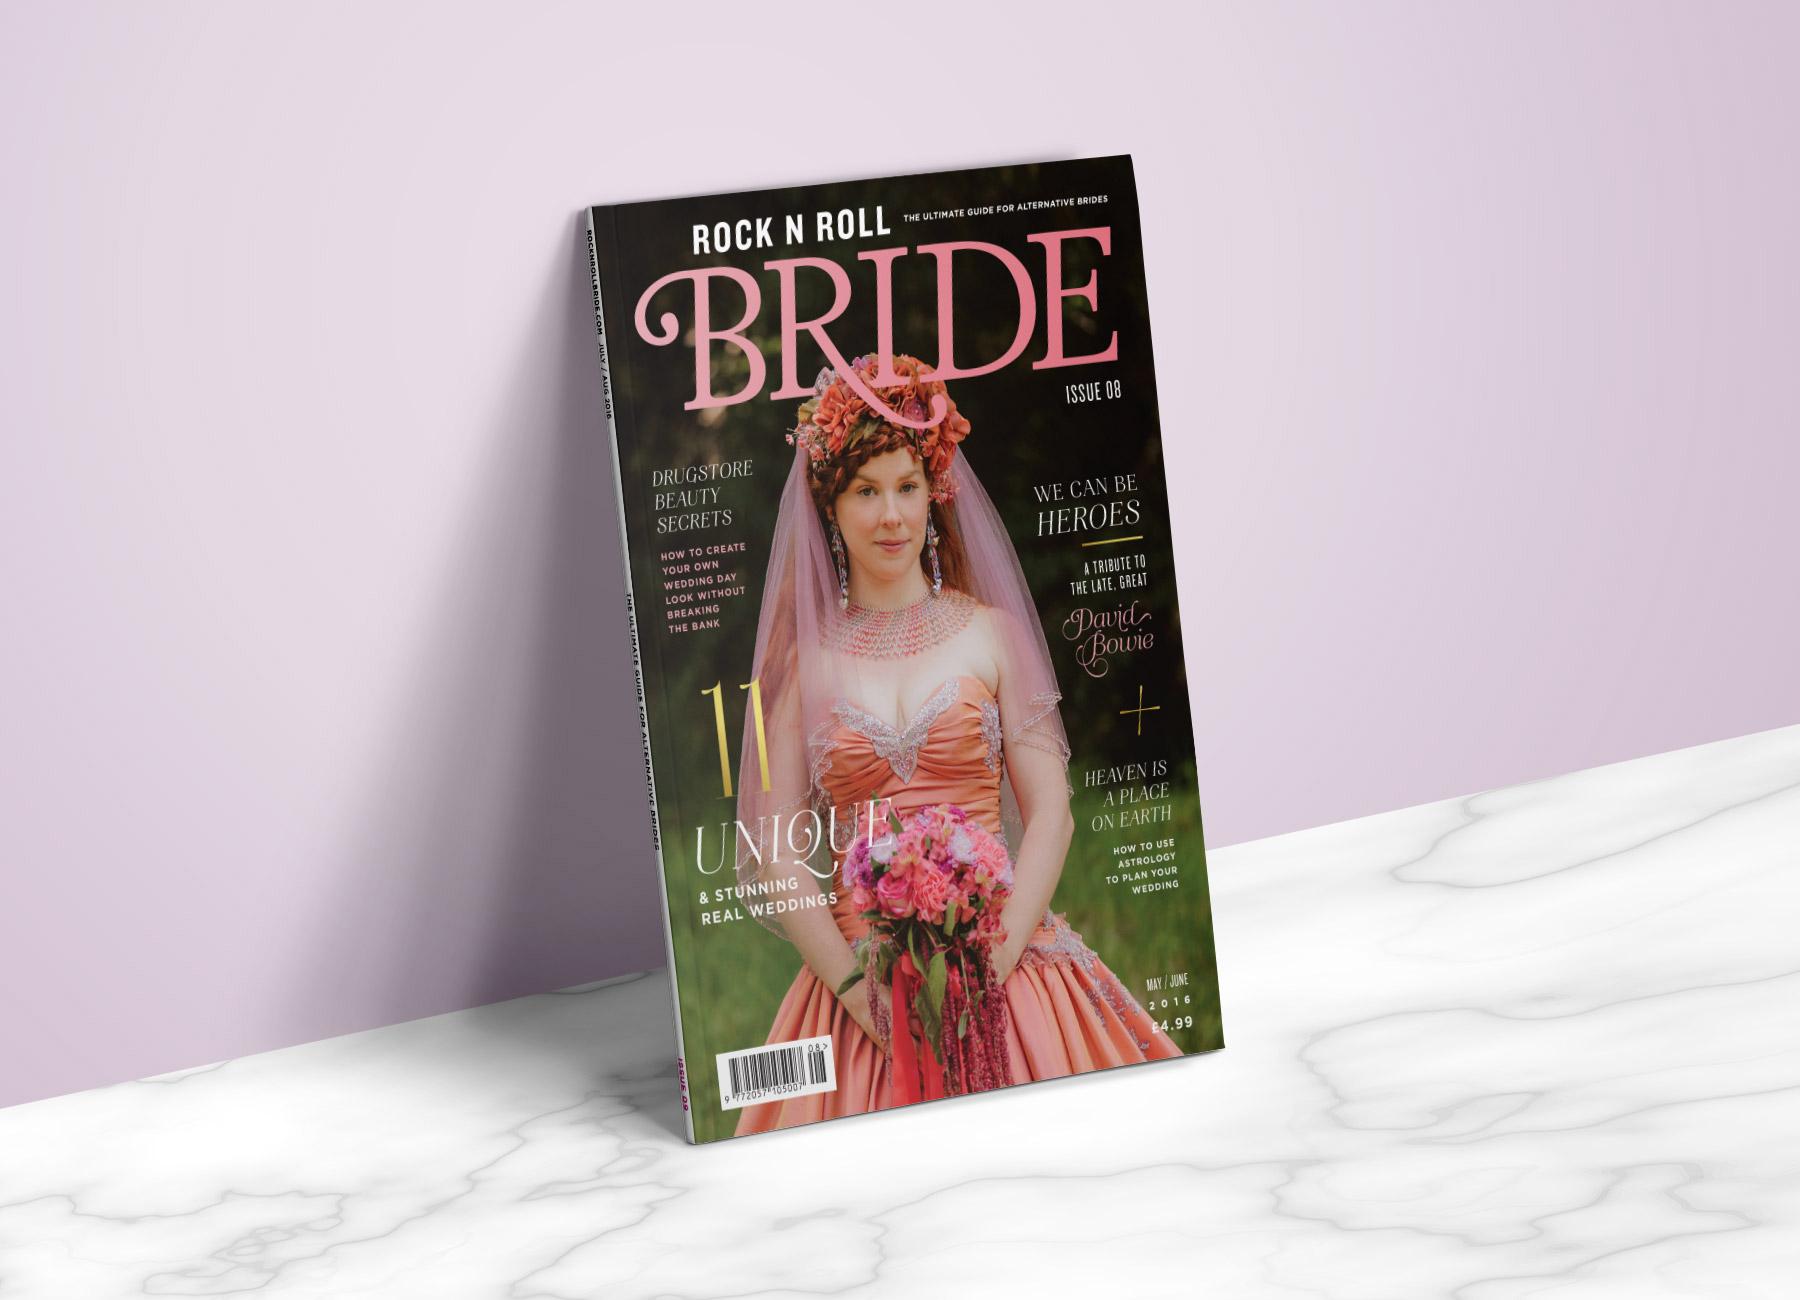 WE_ARE_BRANCH_ROCKNROLLBRIDE_ALT_WEDDING_MAGAZINE_ISSUE_9_MAGAZINE_5